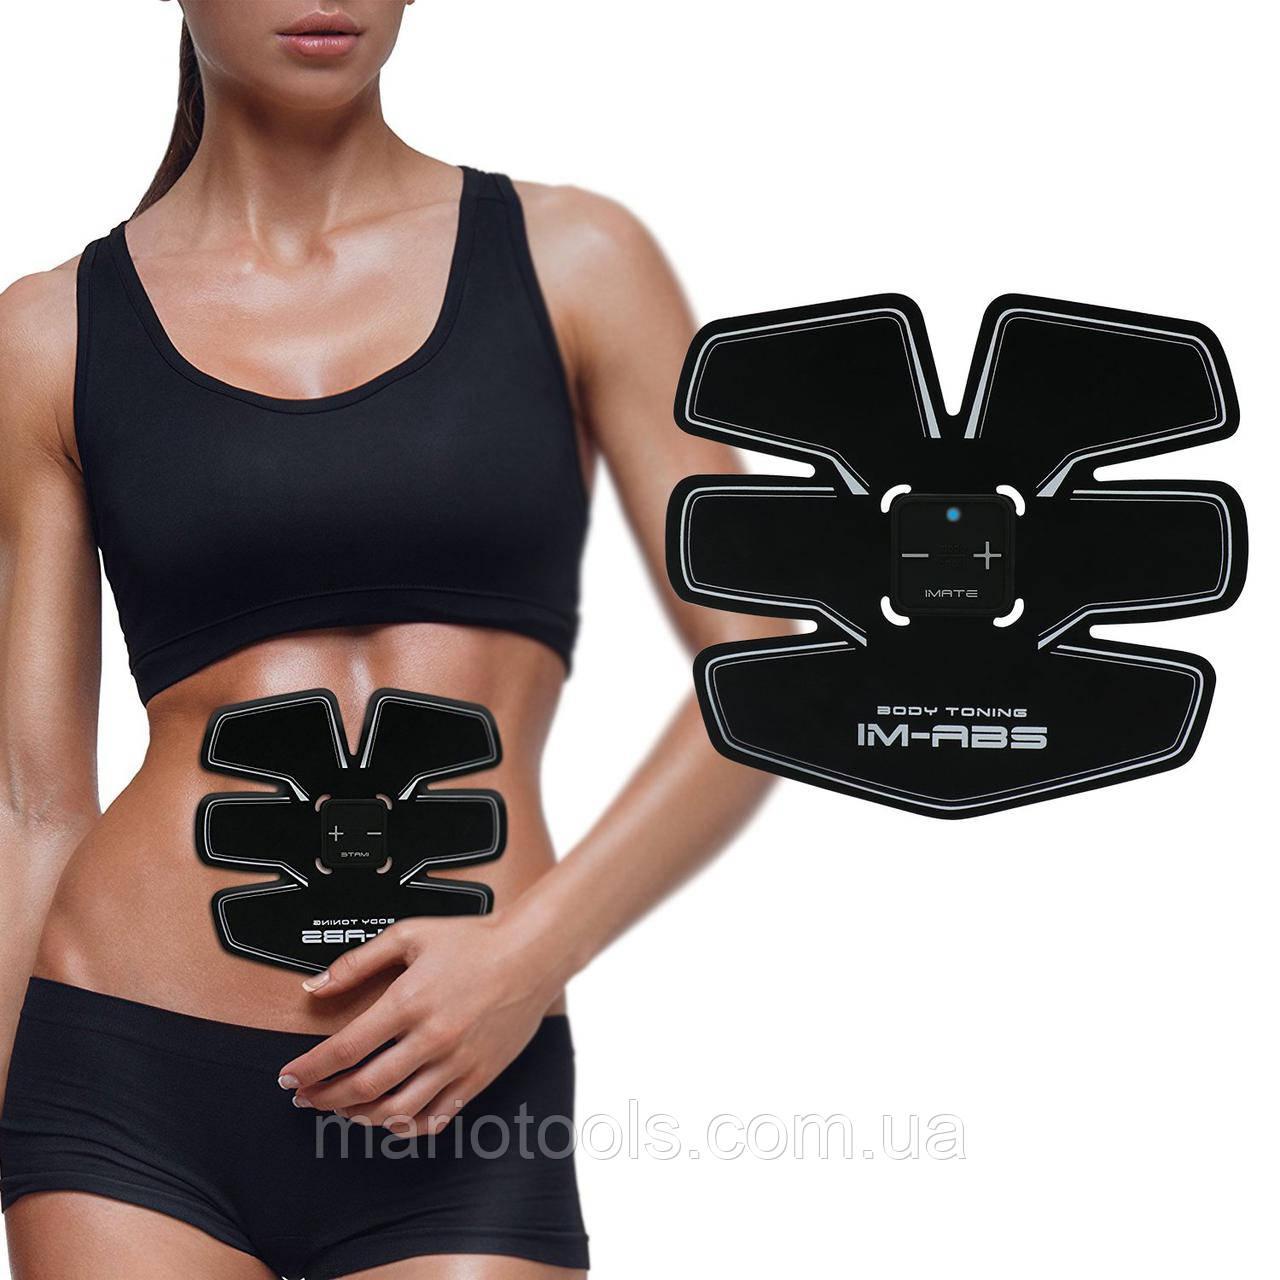 Пояс Ems Trainer для пресса / Миостимулятор / Пояс Ems-trainer стимулятор мышц пресса